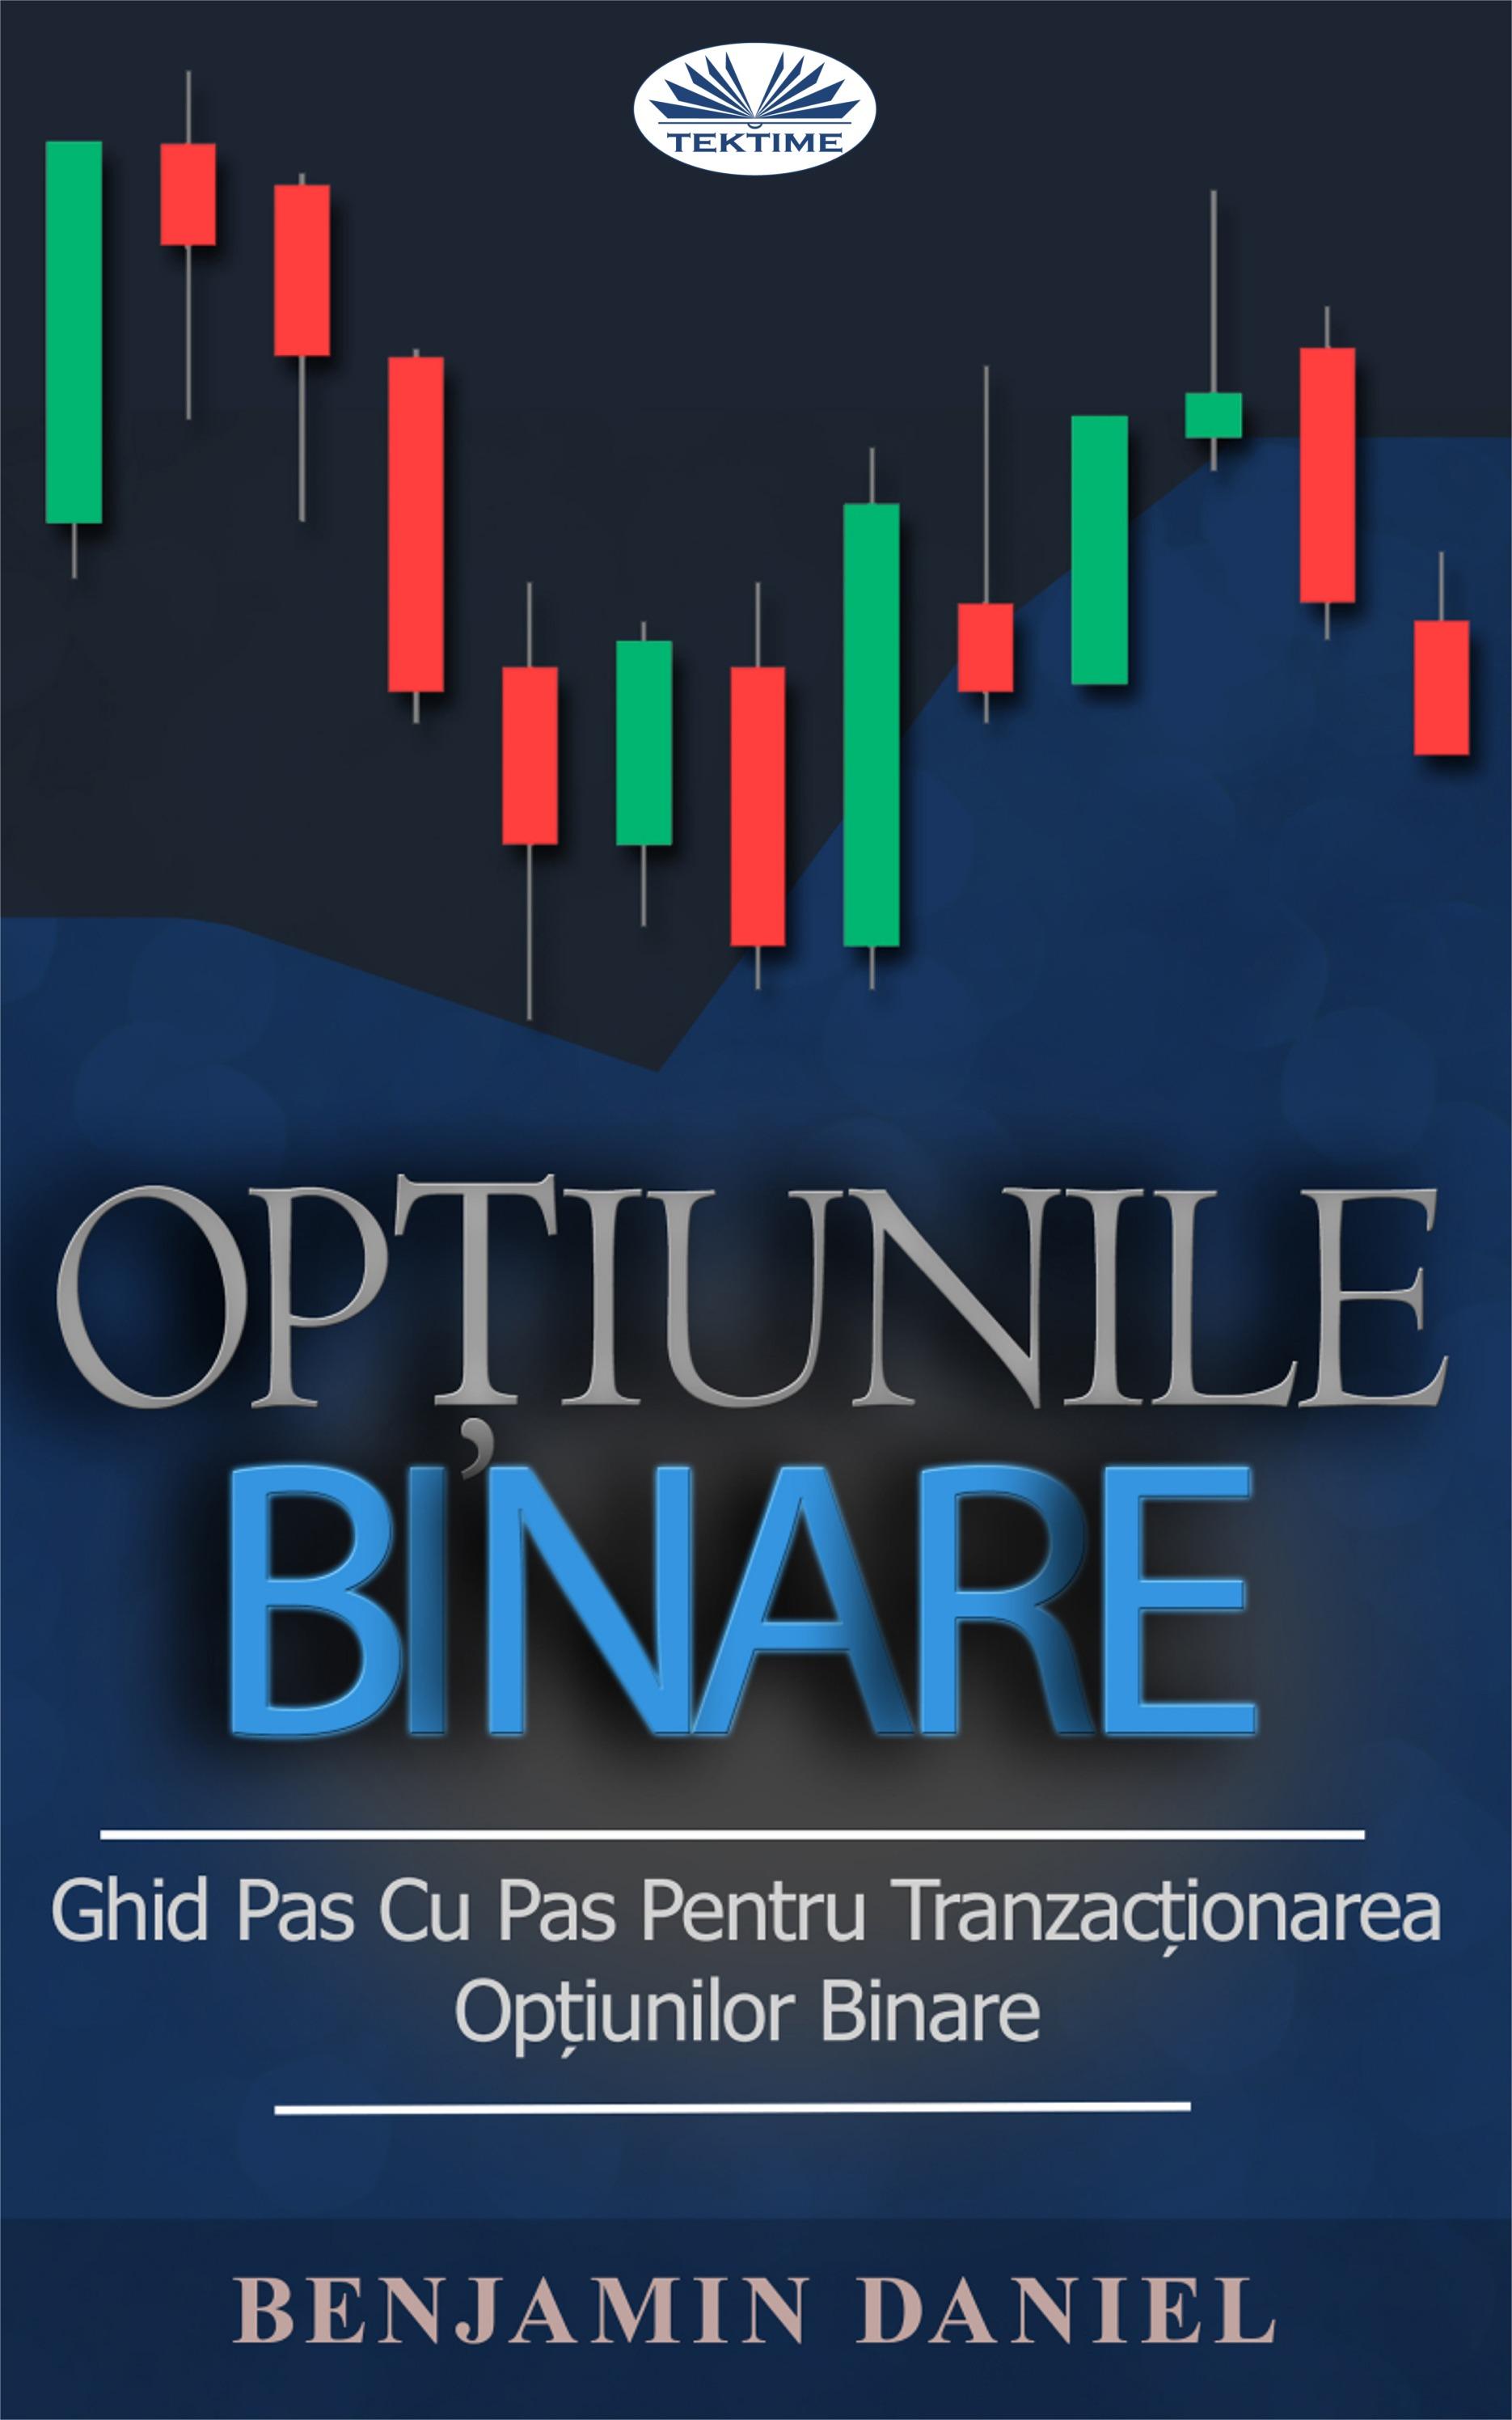 strategie pentru tranzacționarea opțiunilor binare prin bare de ac)